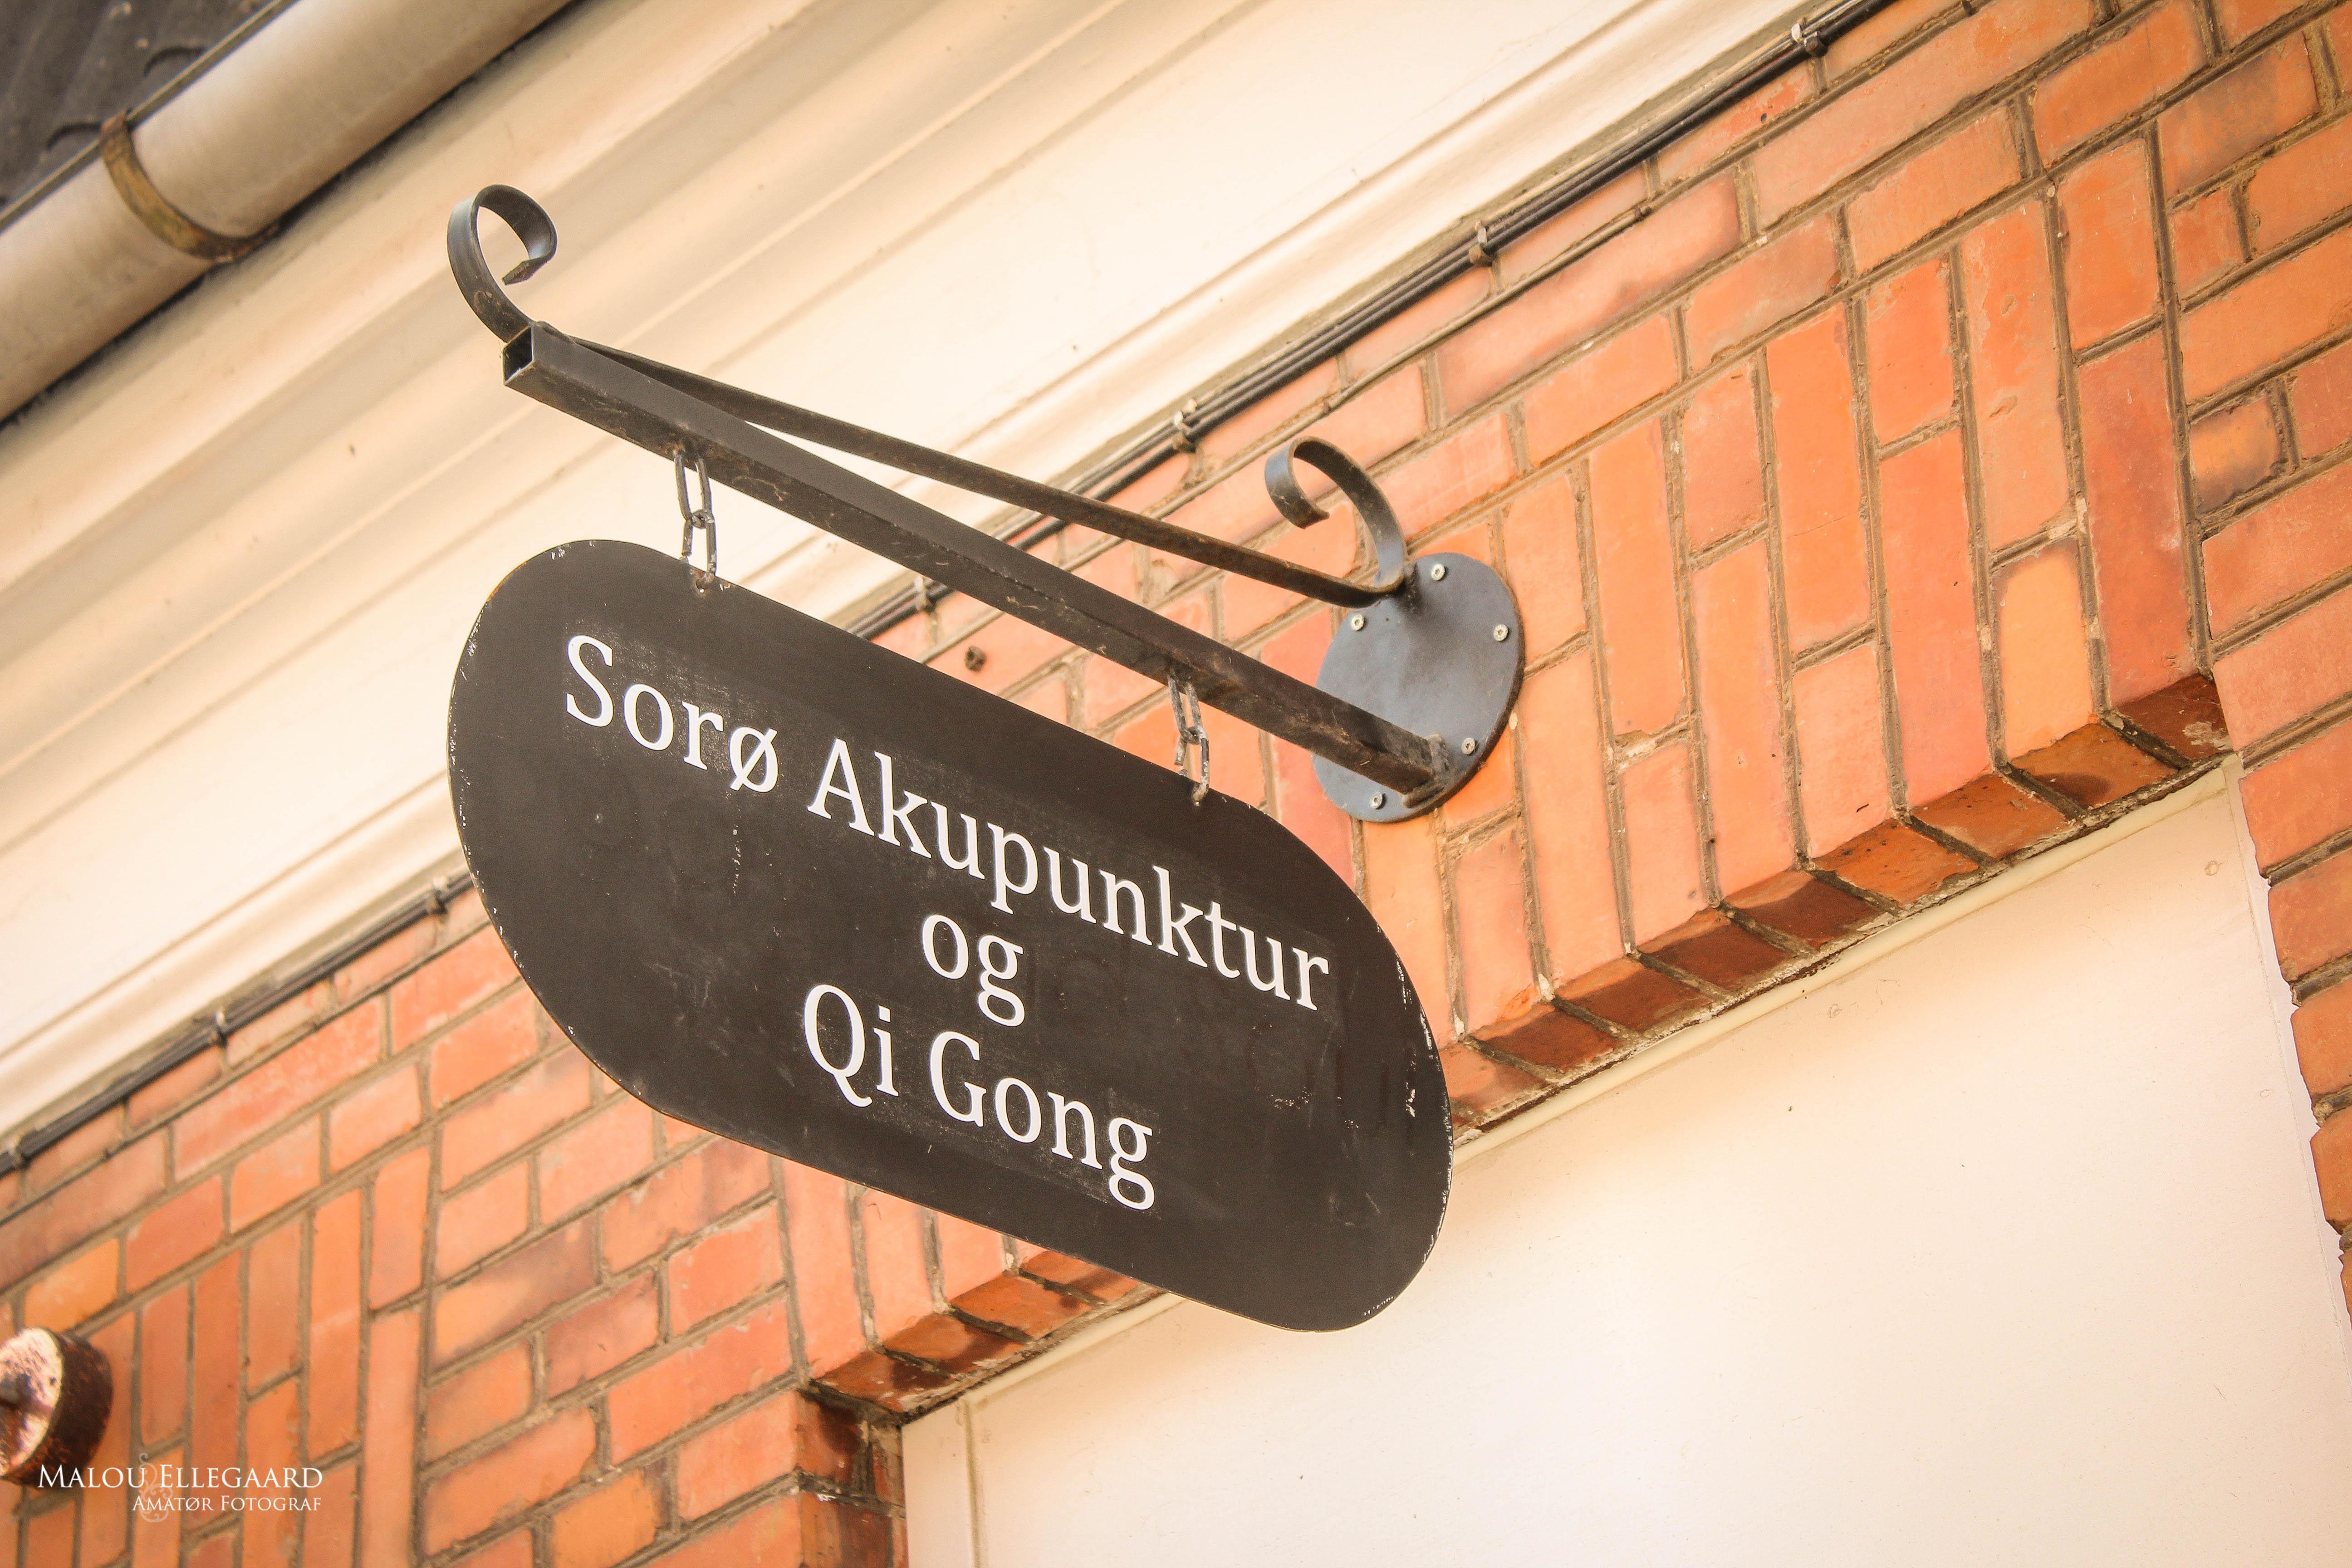 Sorø Akupunktur og Qi Gong